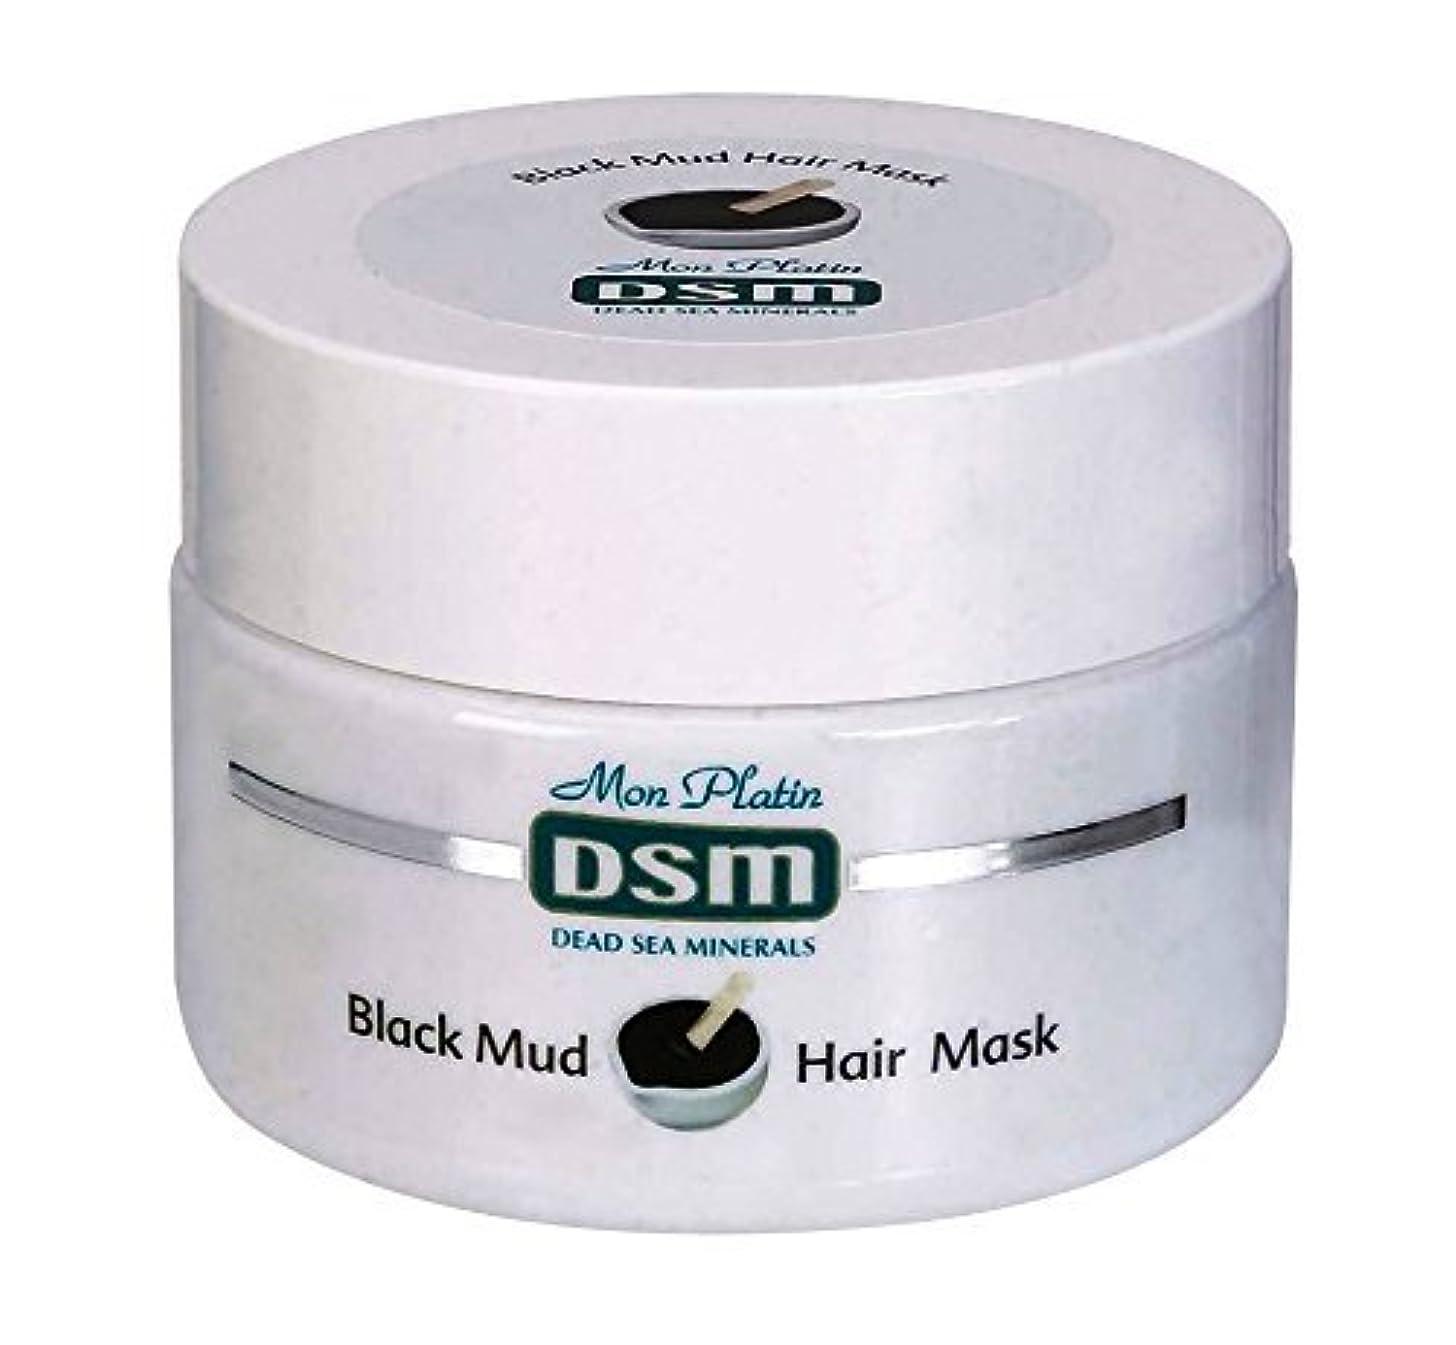 肉屋売る時間厳守頭皮と髪のための髪の泥マスク 250mL 死海ミネラル 天然 お手入れ 美容 イスラエル 全皮膚タイプ ビタミン (Mud Hair Mask  for Scalp & Hair)